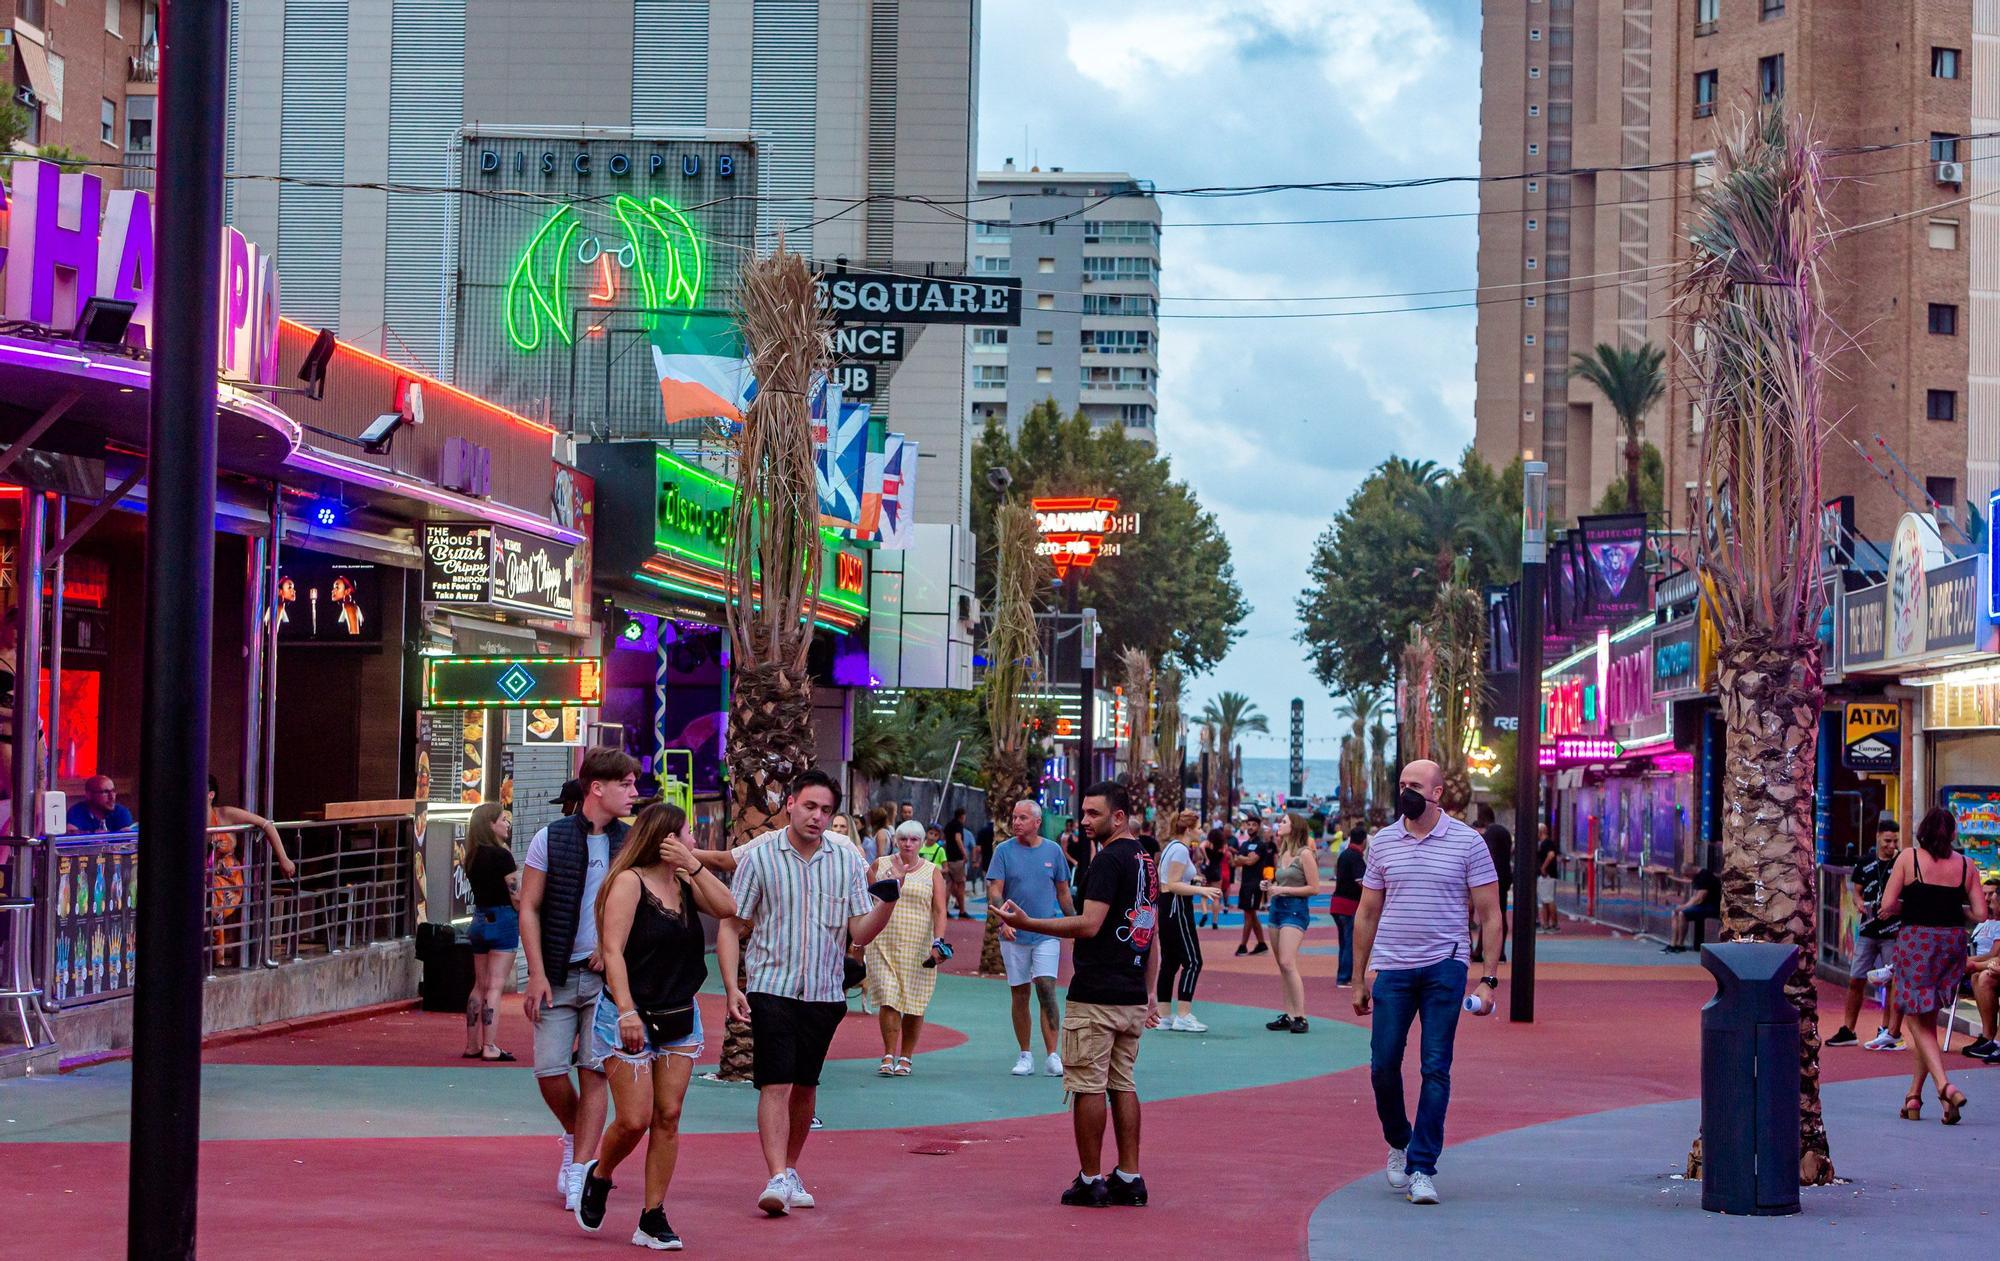 La zona británica de Benidorm retoma el pulso: este es el aspecto que presentan sus calles